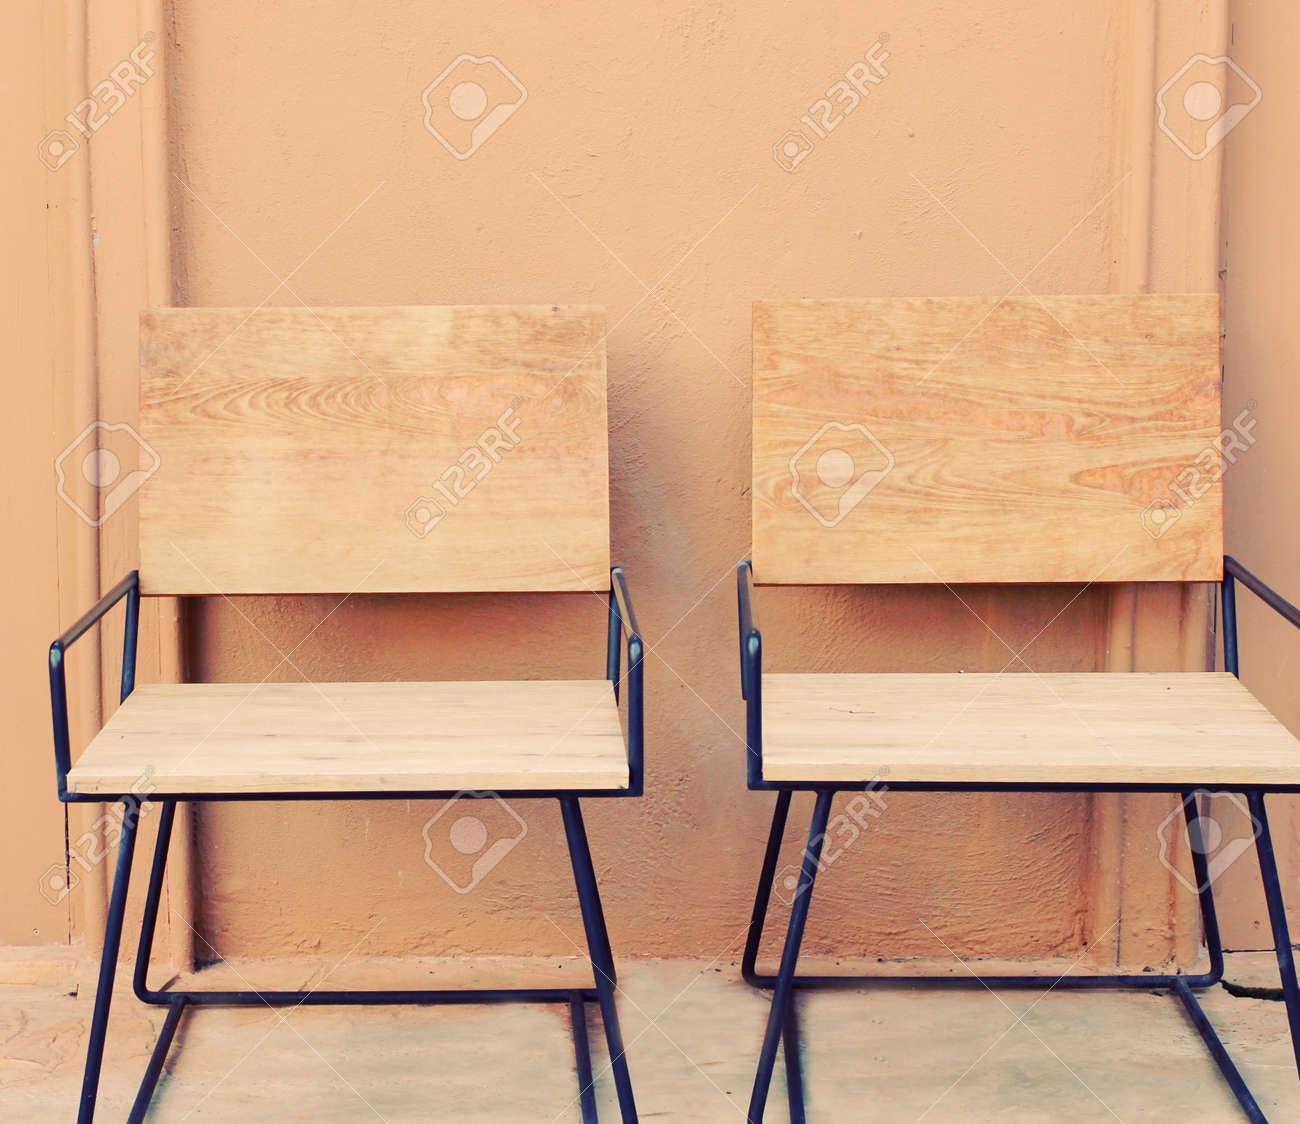 Sedie Legno Da Esterno.Immagini Stock Sedie In Legno Da Esterno Con Effetto Filtro Retro